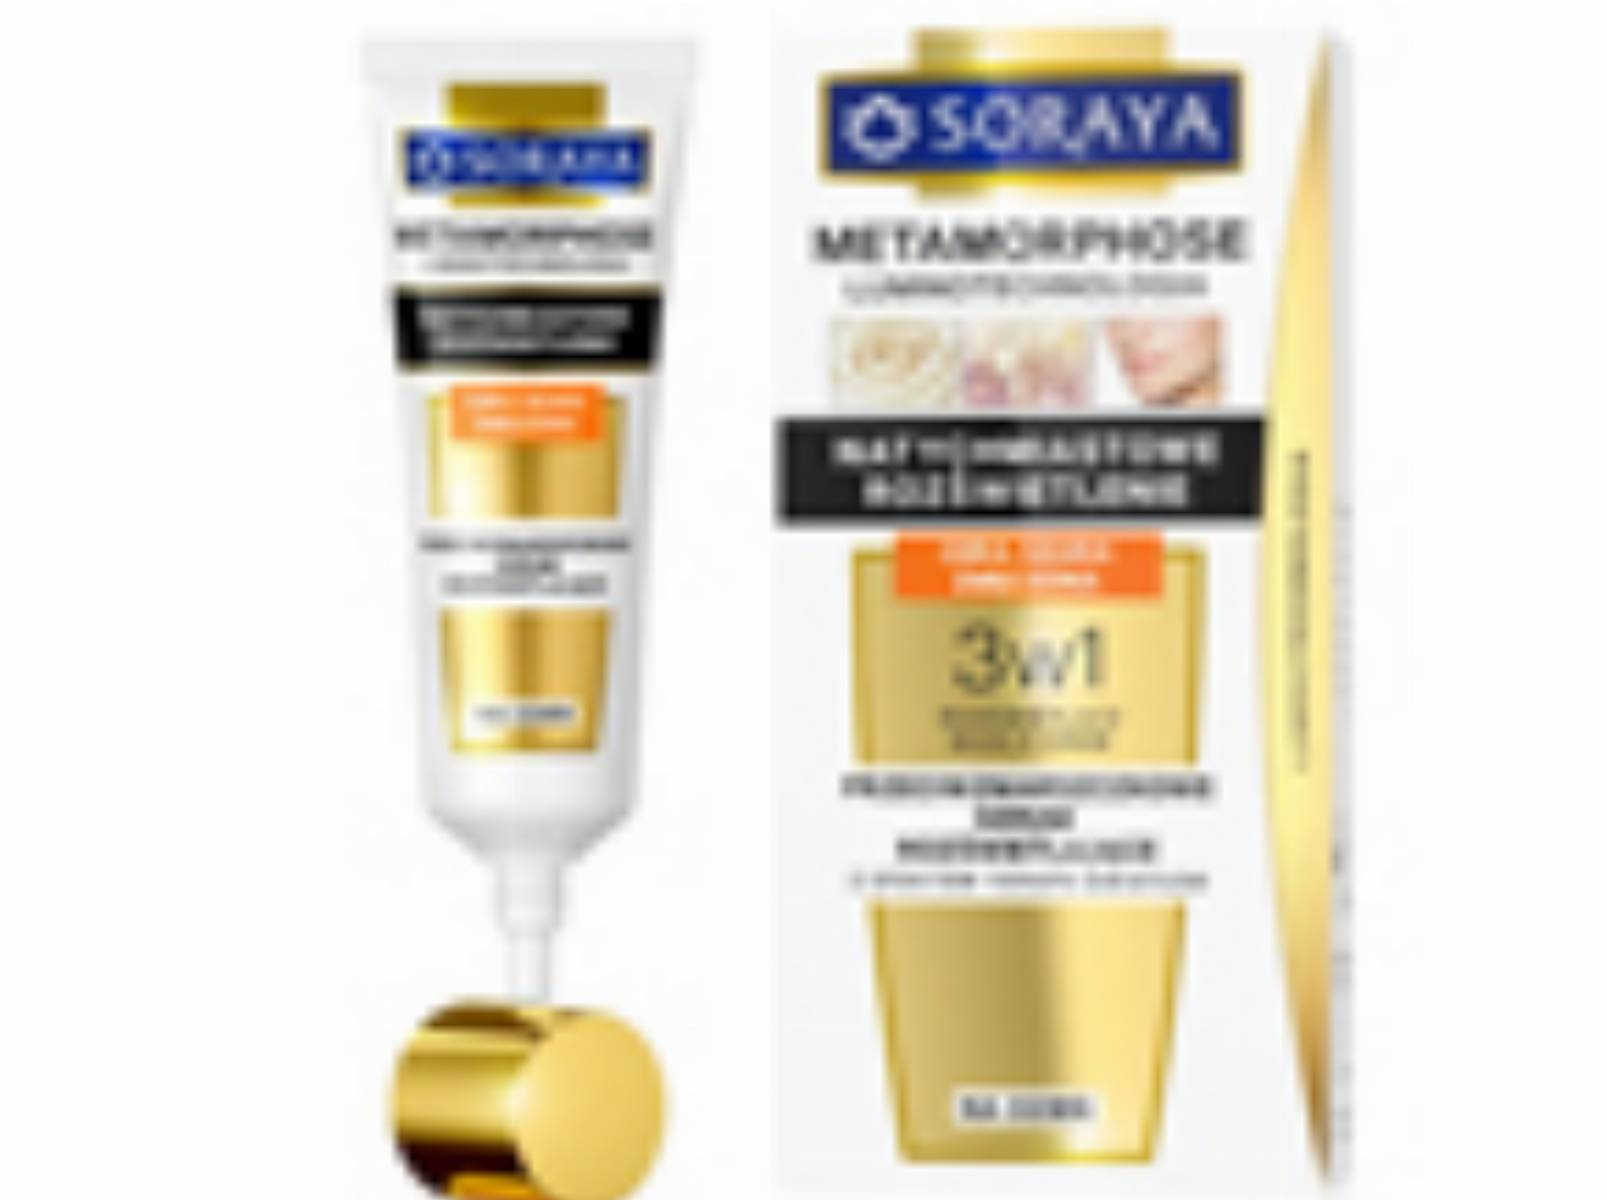 Soraya-Methamorphose-Przeciwzmarszczkowe-serum-rozswietlajace-na-dzien_min